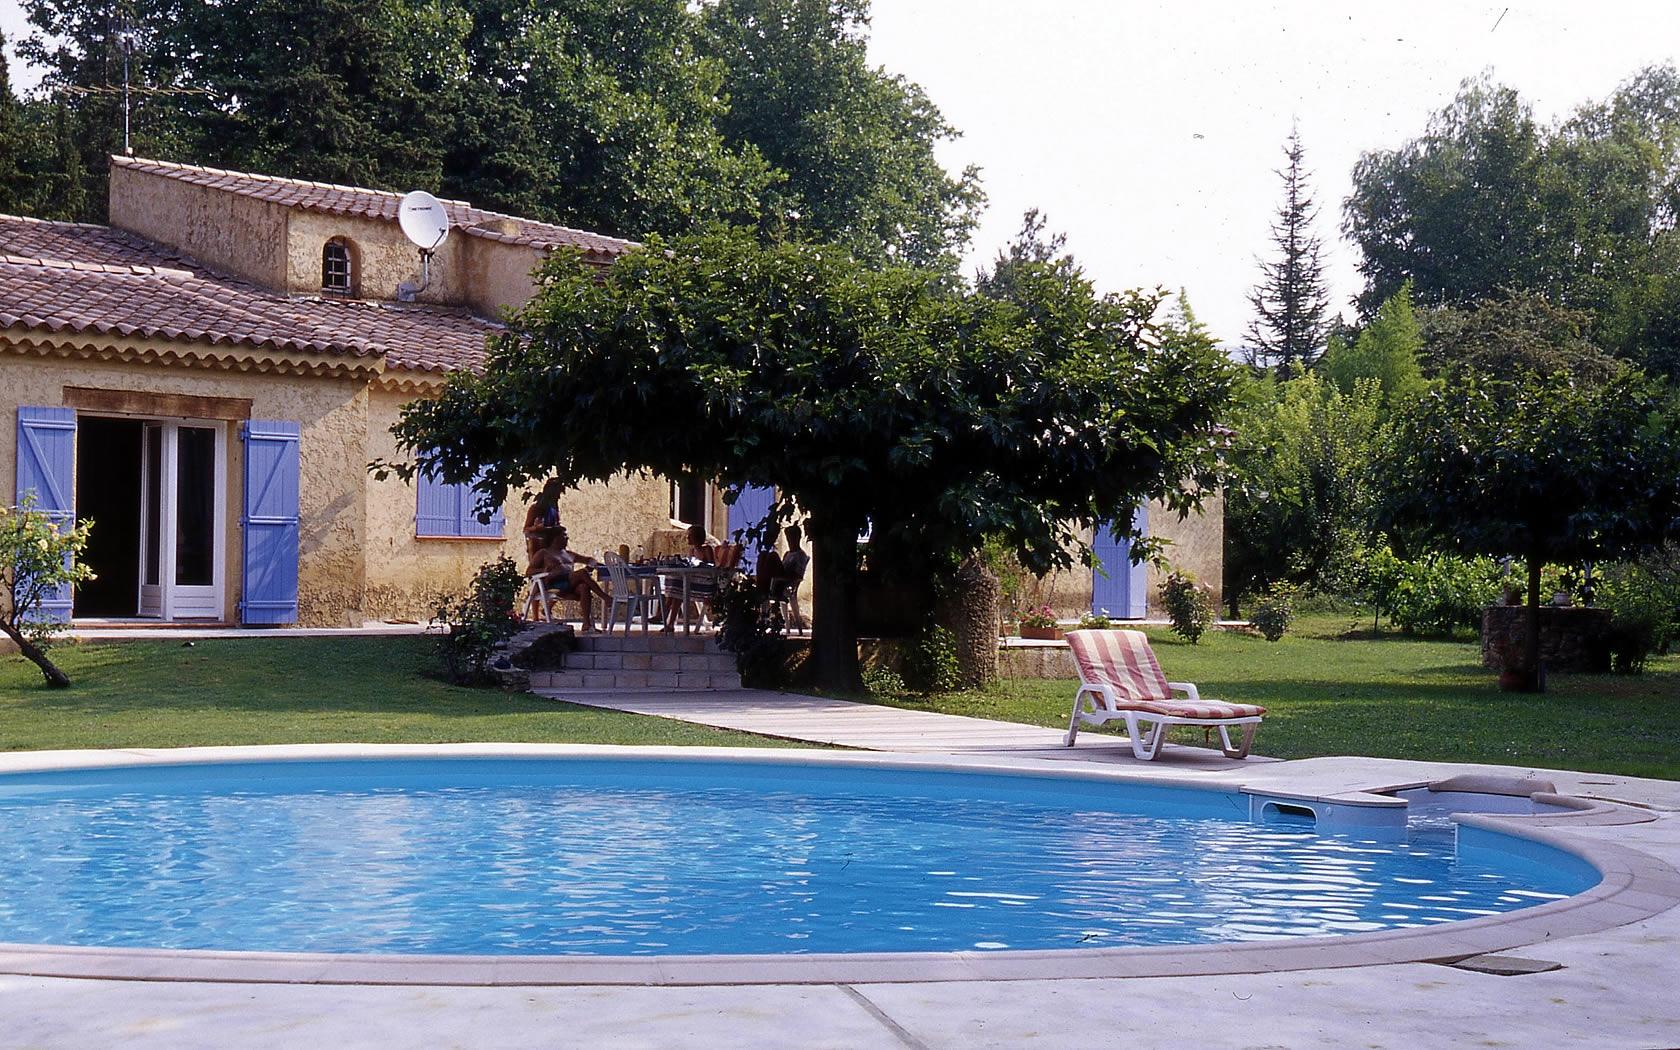 Piscina rosalie piscine waterair del taglia piscine - Quanto costa una piscina interrata ...